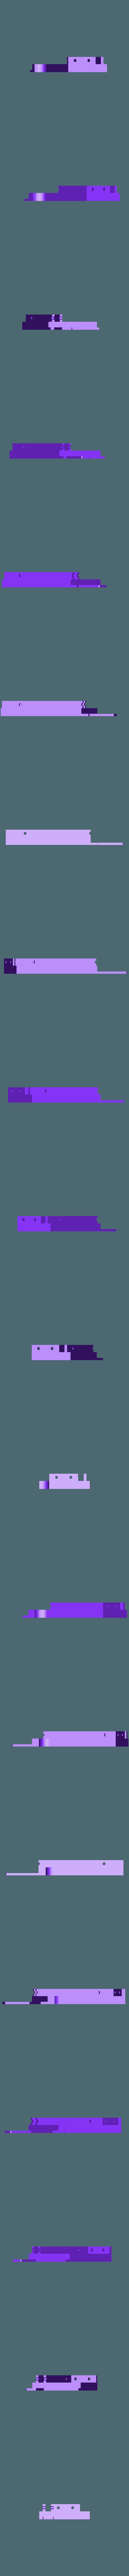 BottomLeft.stl Télécharger fichier STL gratuit Anet A8 Renforcement de structure • Modèle à imprimer en 3D, Israel_OE